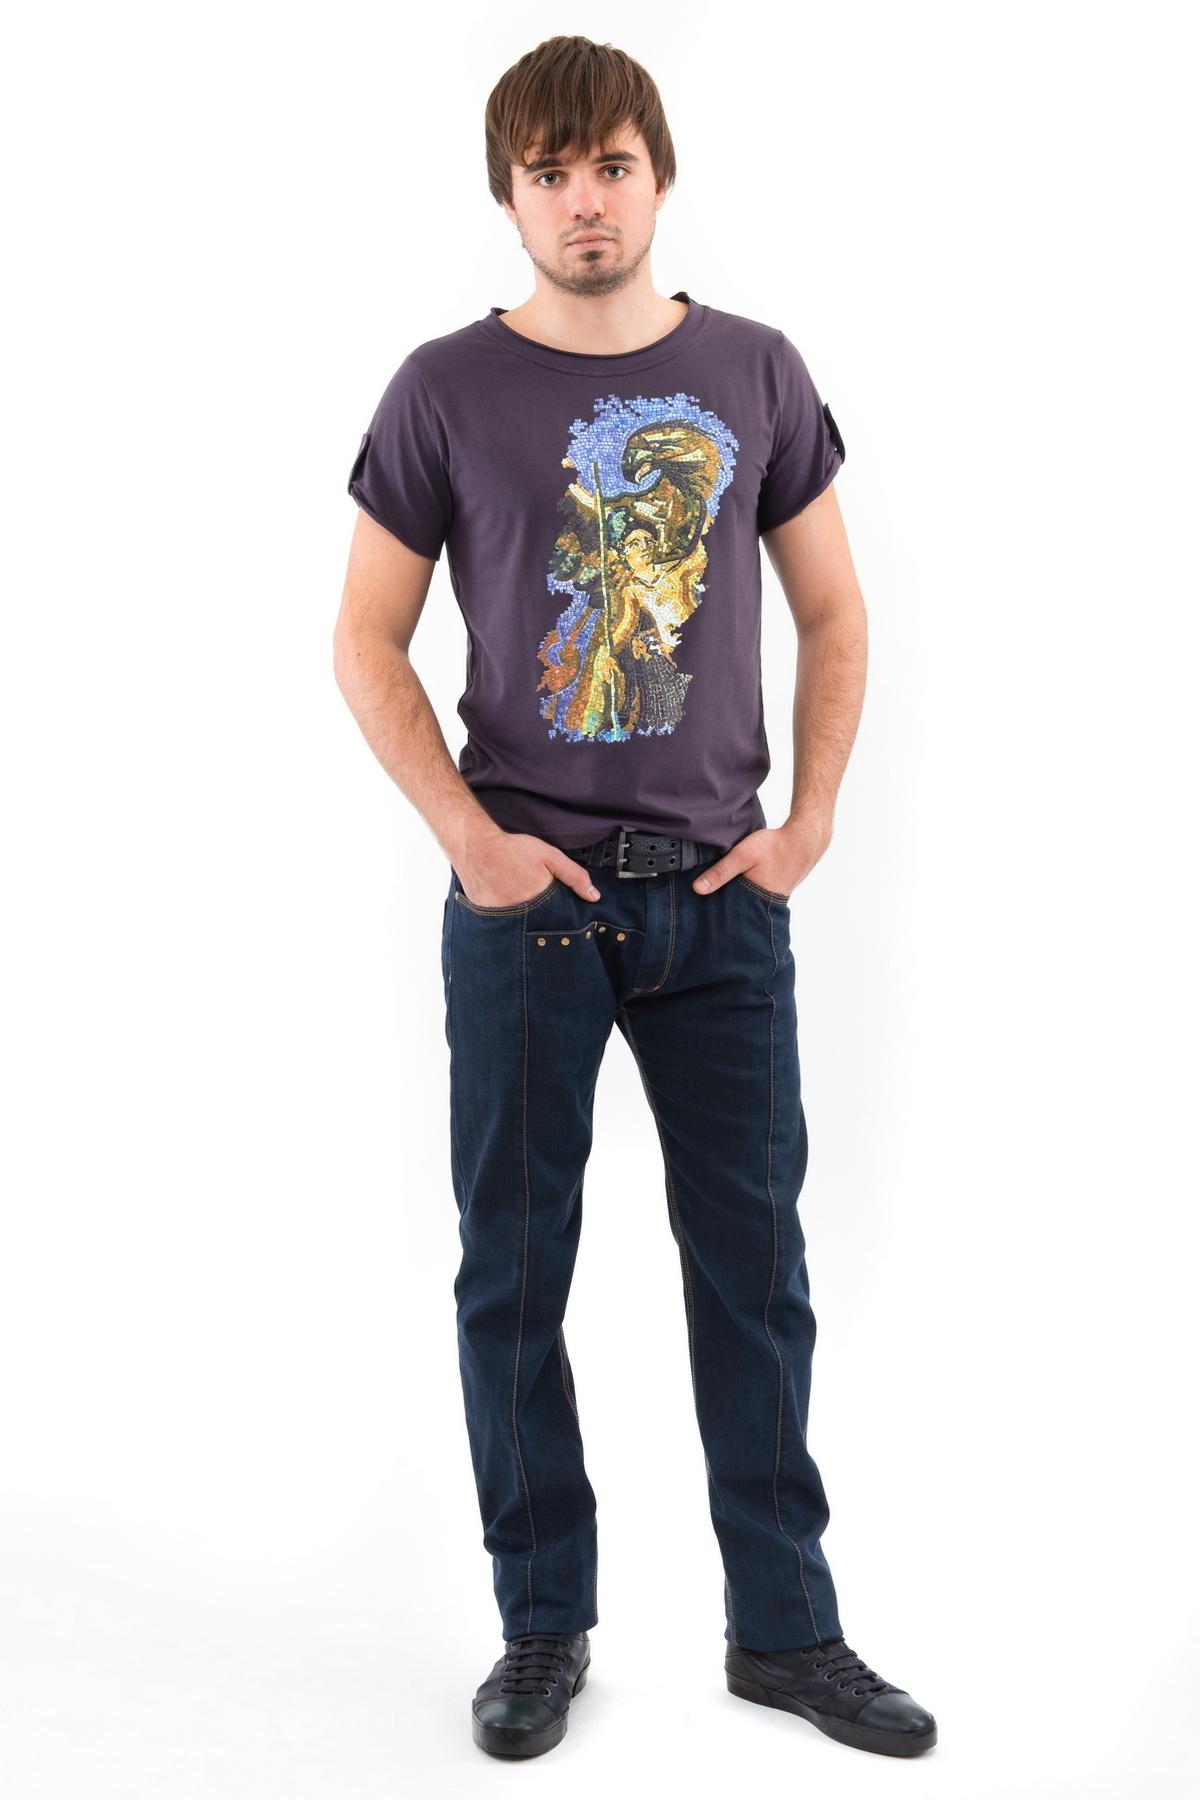 ФутболкаМужские футболки, джемпера<br>Стильная актуальная футболка с округлым вырезом горловины, выполненная из натурального материала, для тех, кто привык хорошо выглядетьи при этом чувствовать себя комфортно всегда и везде. Модель свободного покроя с короткими рукавами, оформлена ярким прин<br><br>Цвет: темно-серый<br>Состав: 92% хлопок, 8% лайкра<br>Размер: 44<br>Страна дизайна: Россия<br>Страна производства: Россия